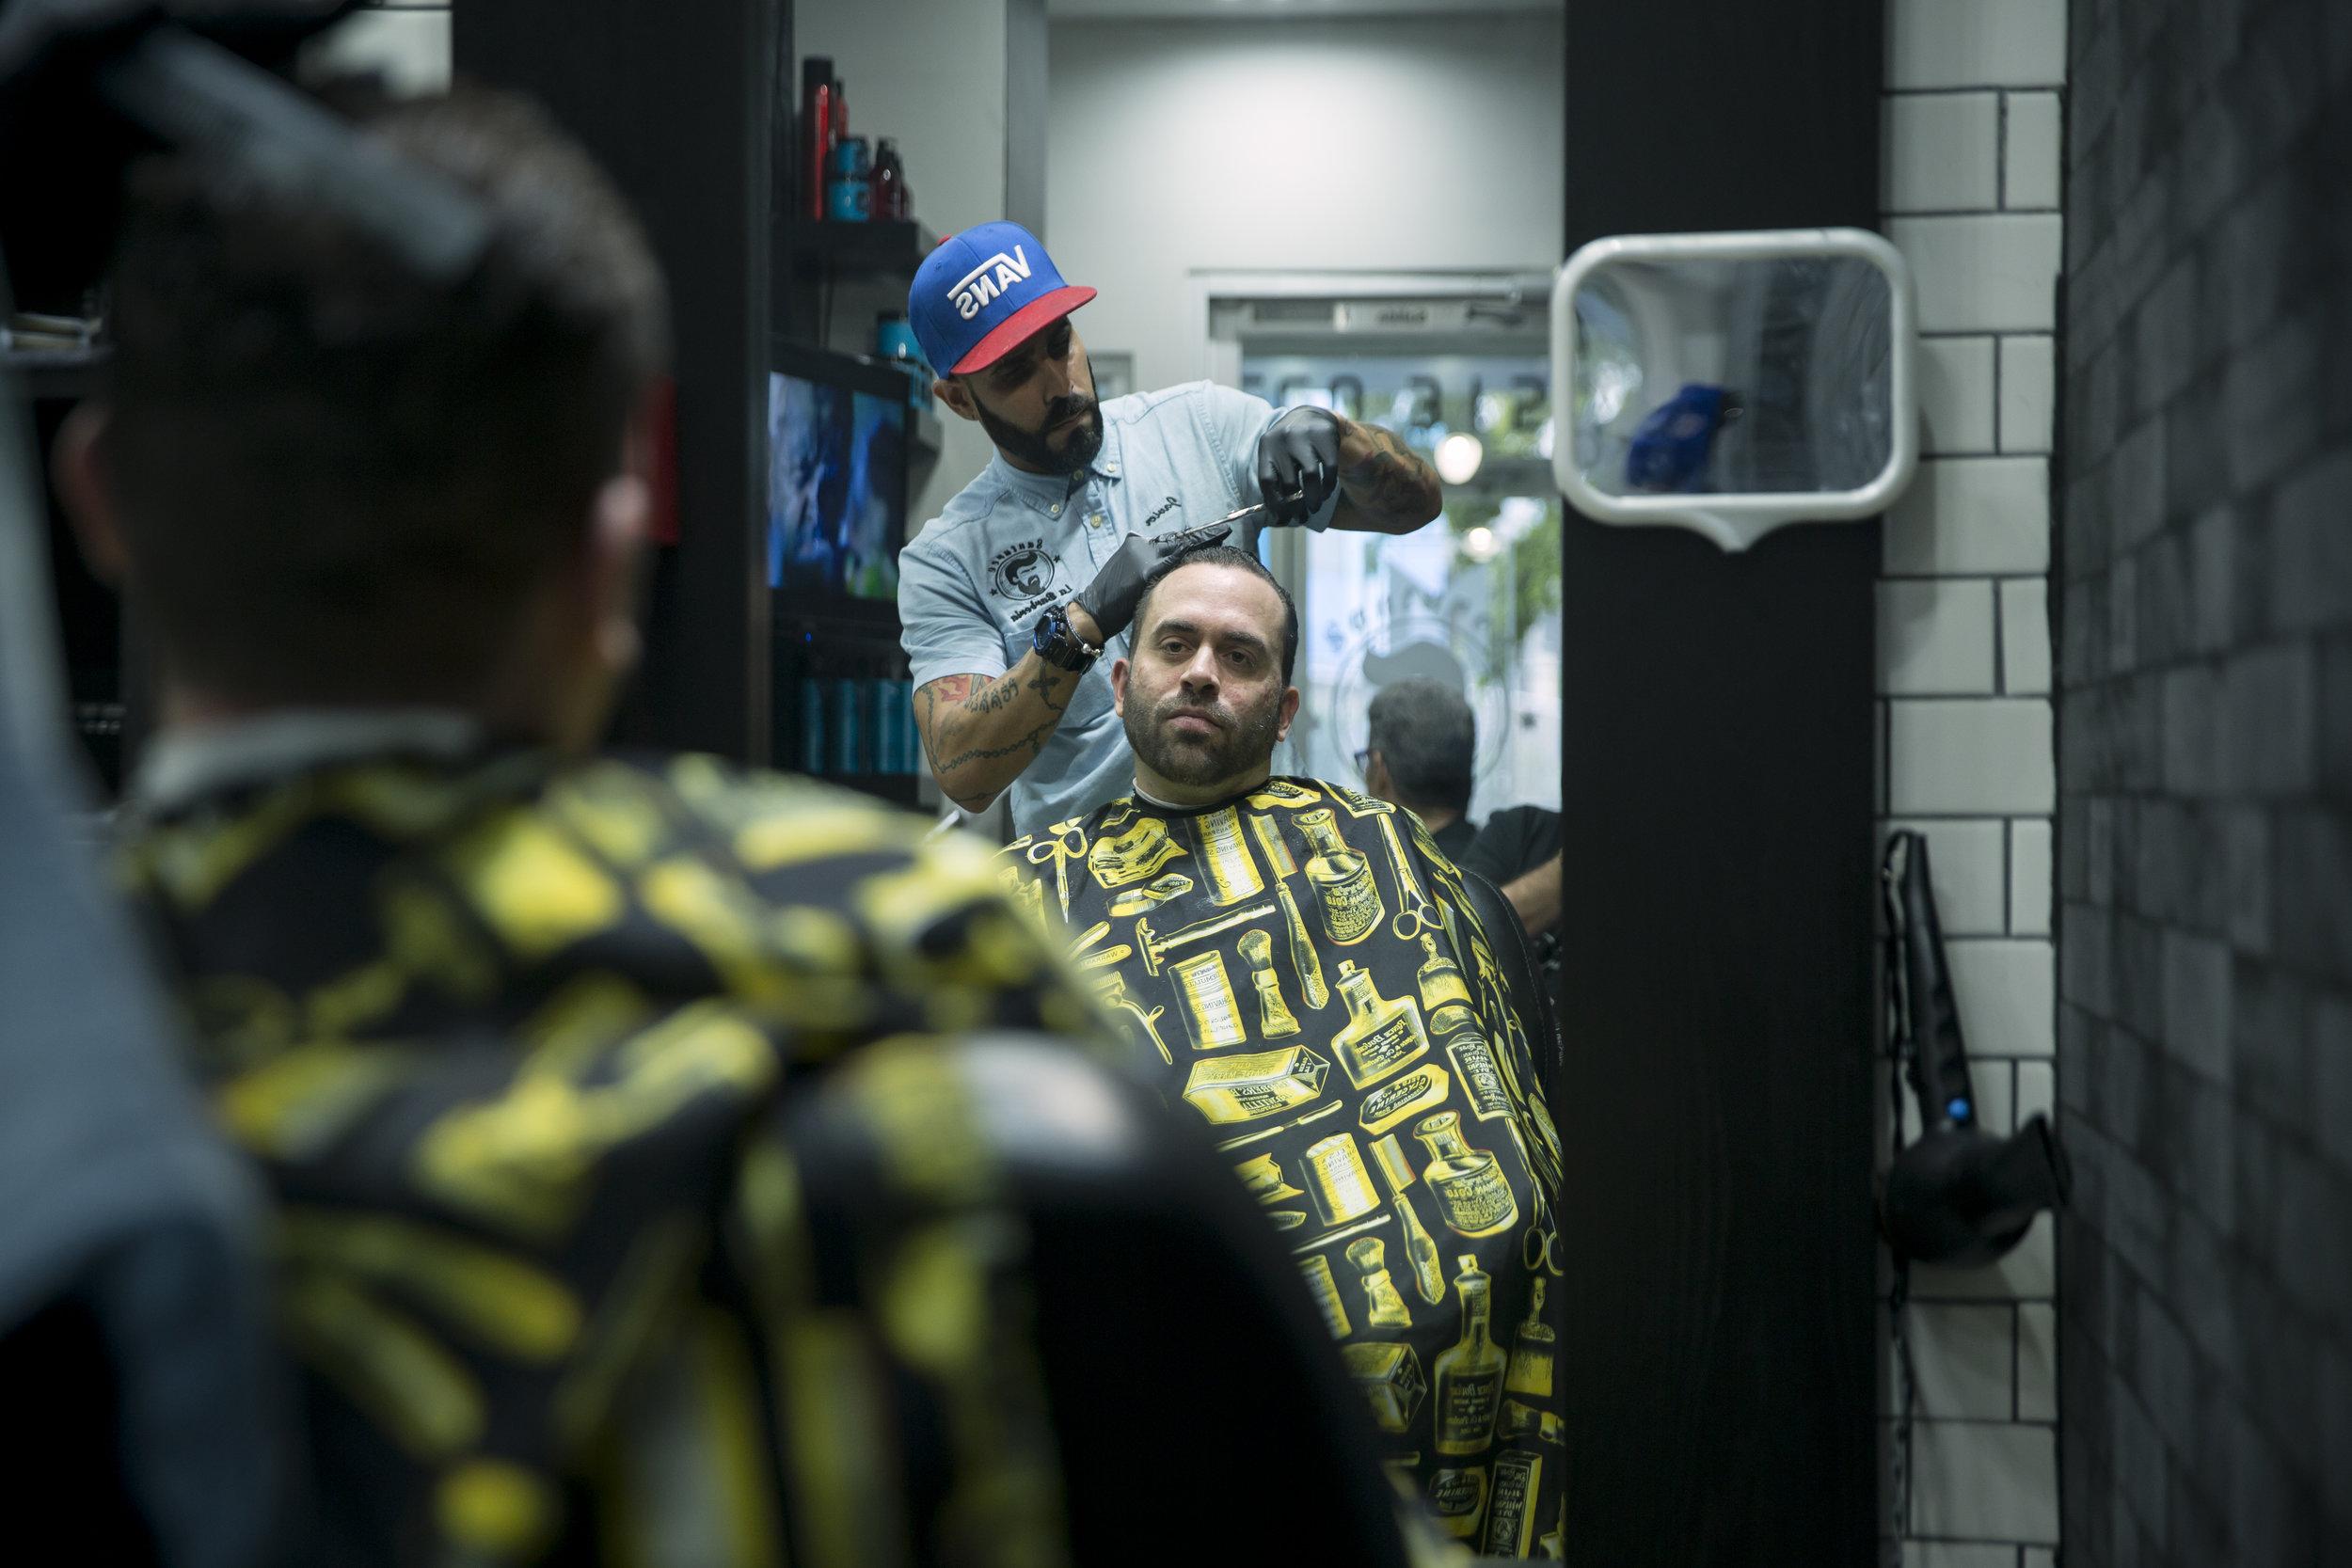 Barbershop_Pman.jpg